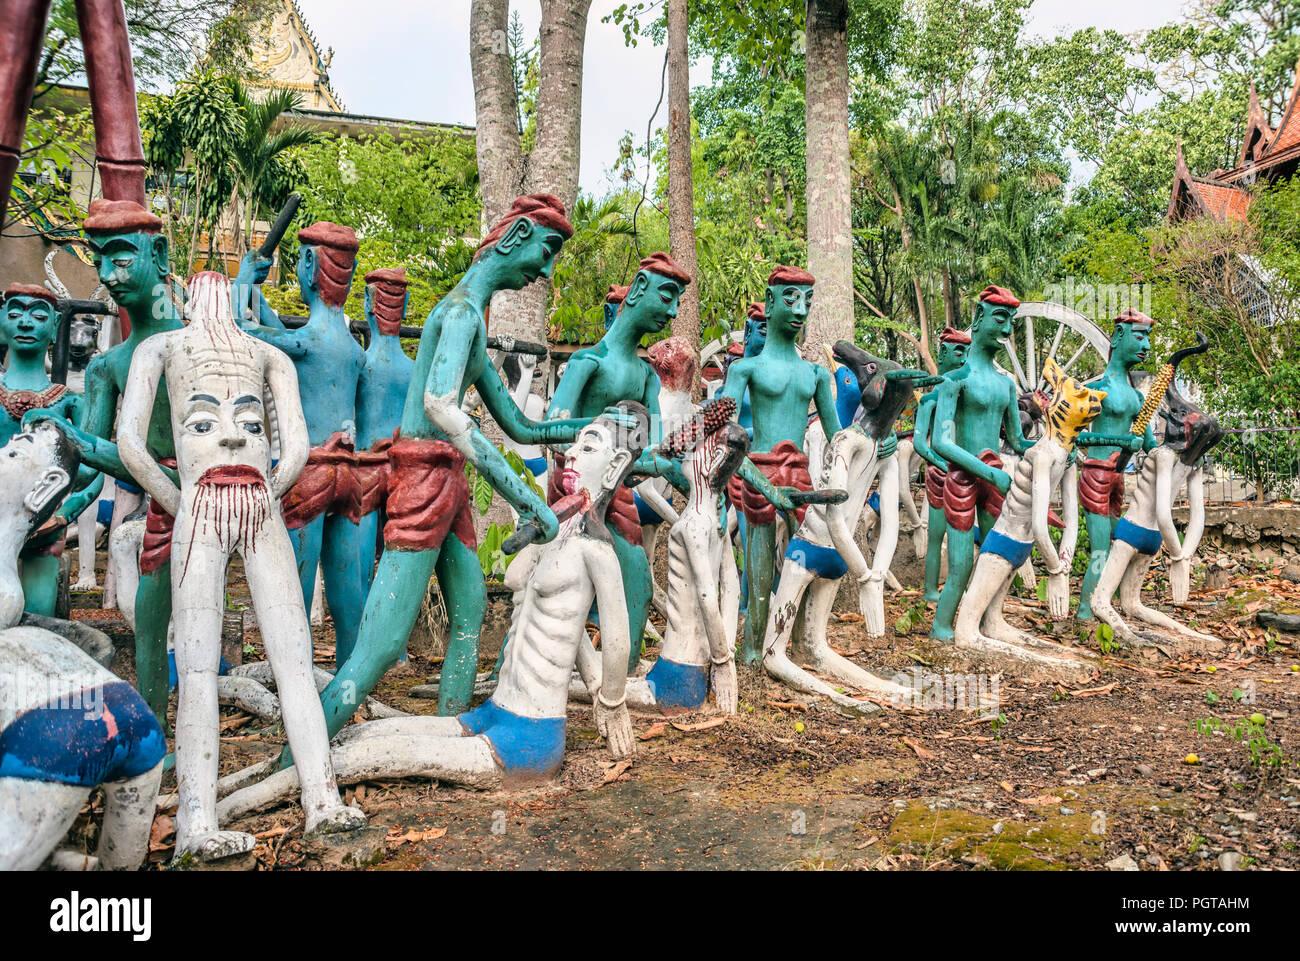 Buddhist religious sculpure yard, showing torture scences at Wat Chaiyaphum Phithak, Thailand   Buddhistische Skulpturen und Darstellung von grausamen - Stock Image